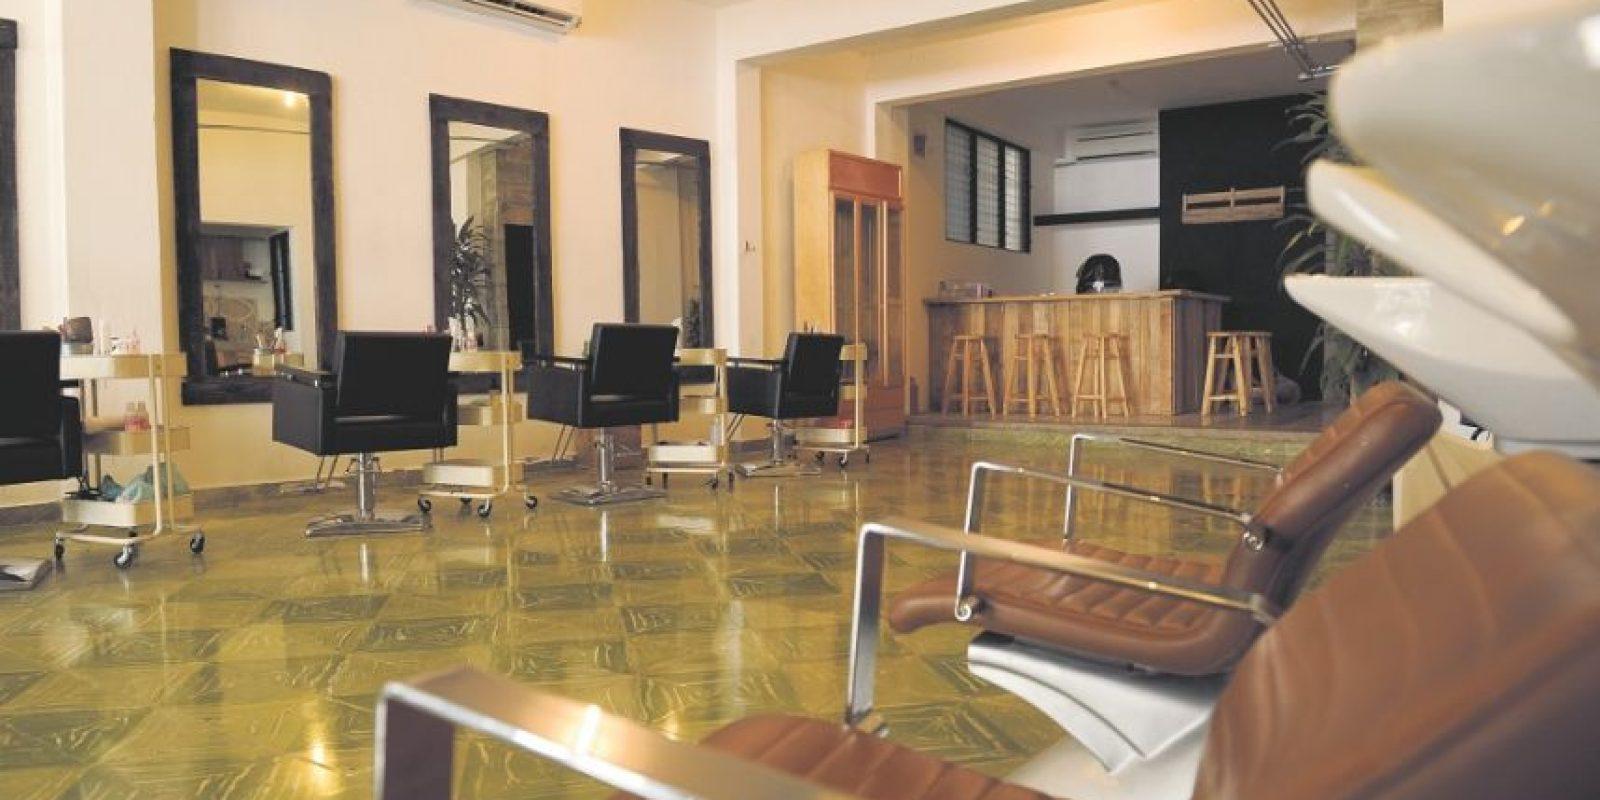 Imágenes del nuevo local de Miss Rizos Salón que cuenta con 12 estilistas. Foto:Yael Duval.